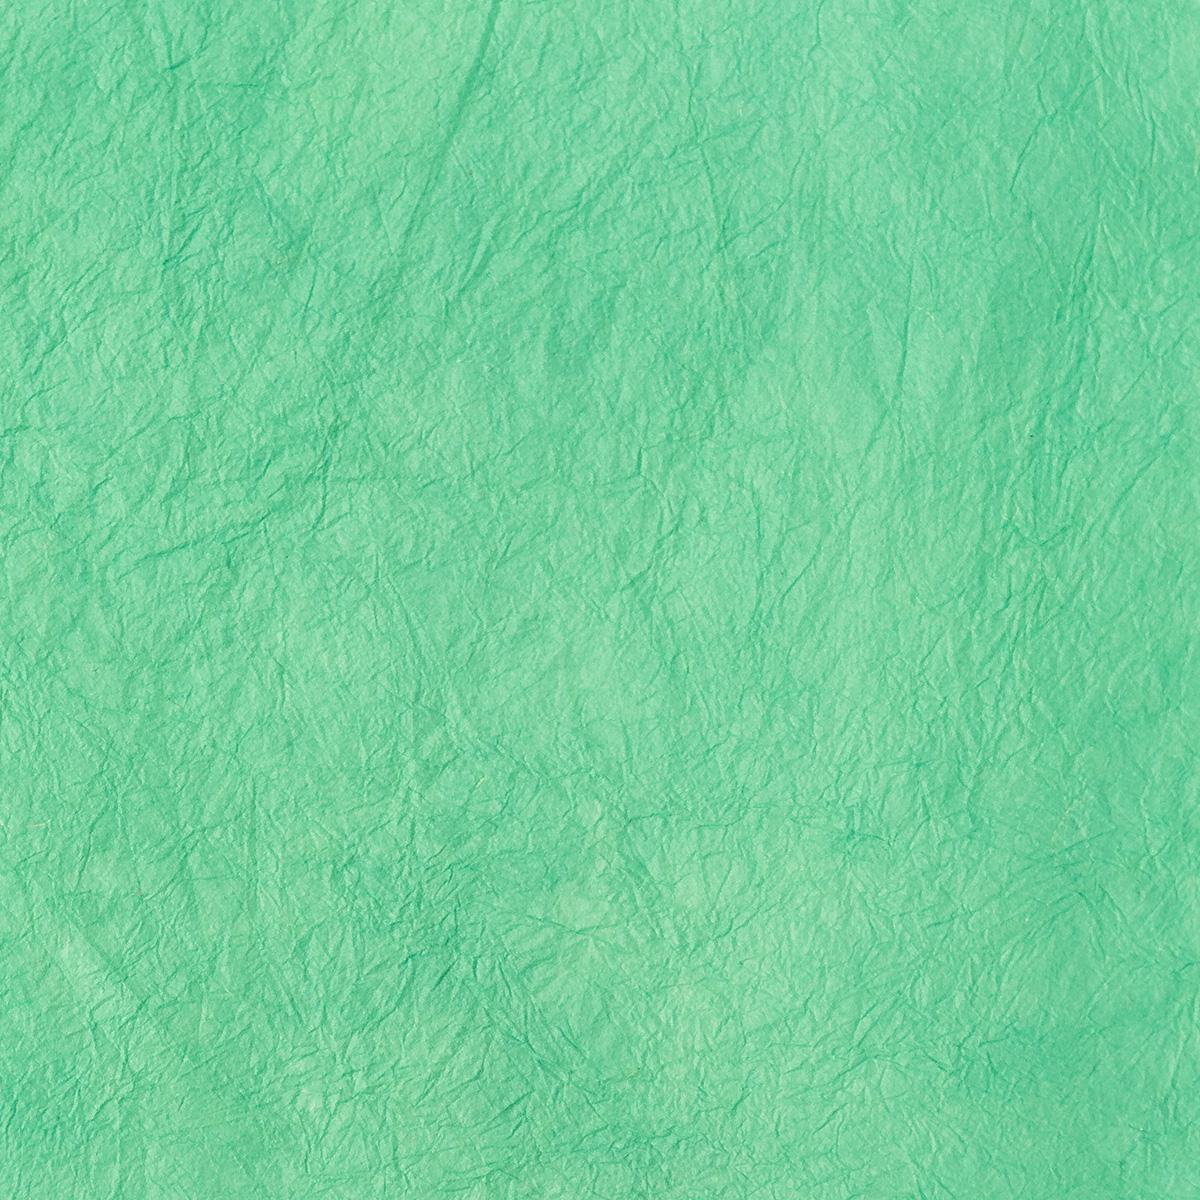 王朝のそめいろ 薄口 32番 青浅緑